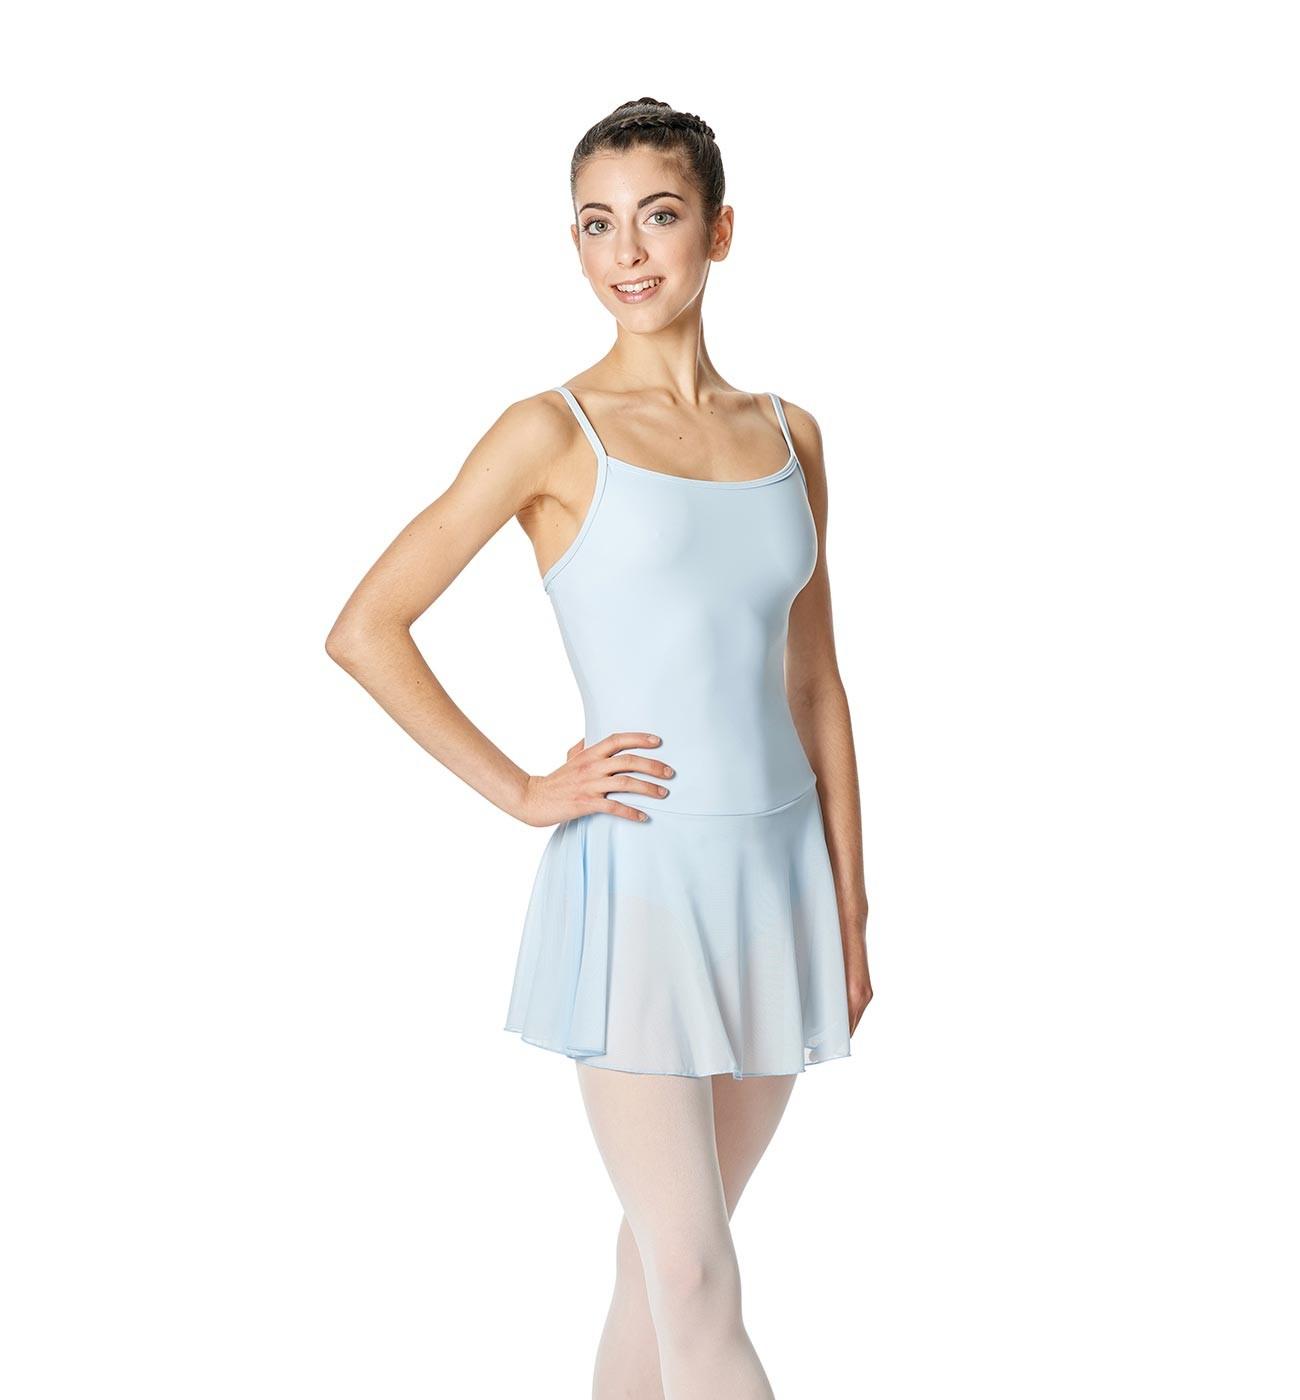 תכלת שמלת בלט Lillian של Lulli כתפיות דקות וחצאית רשת LUB254